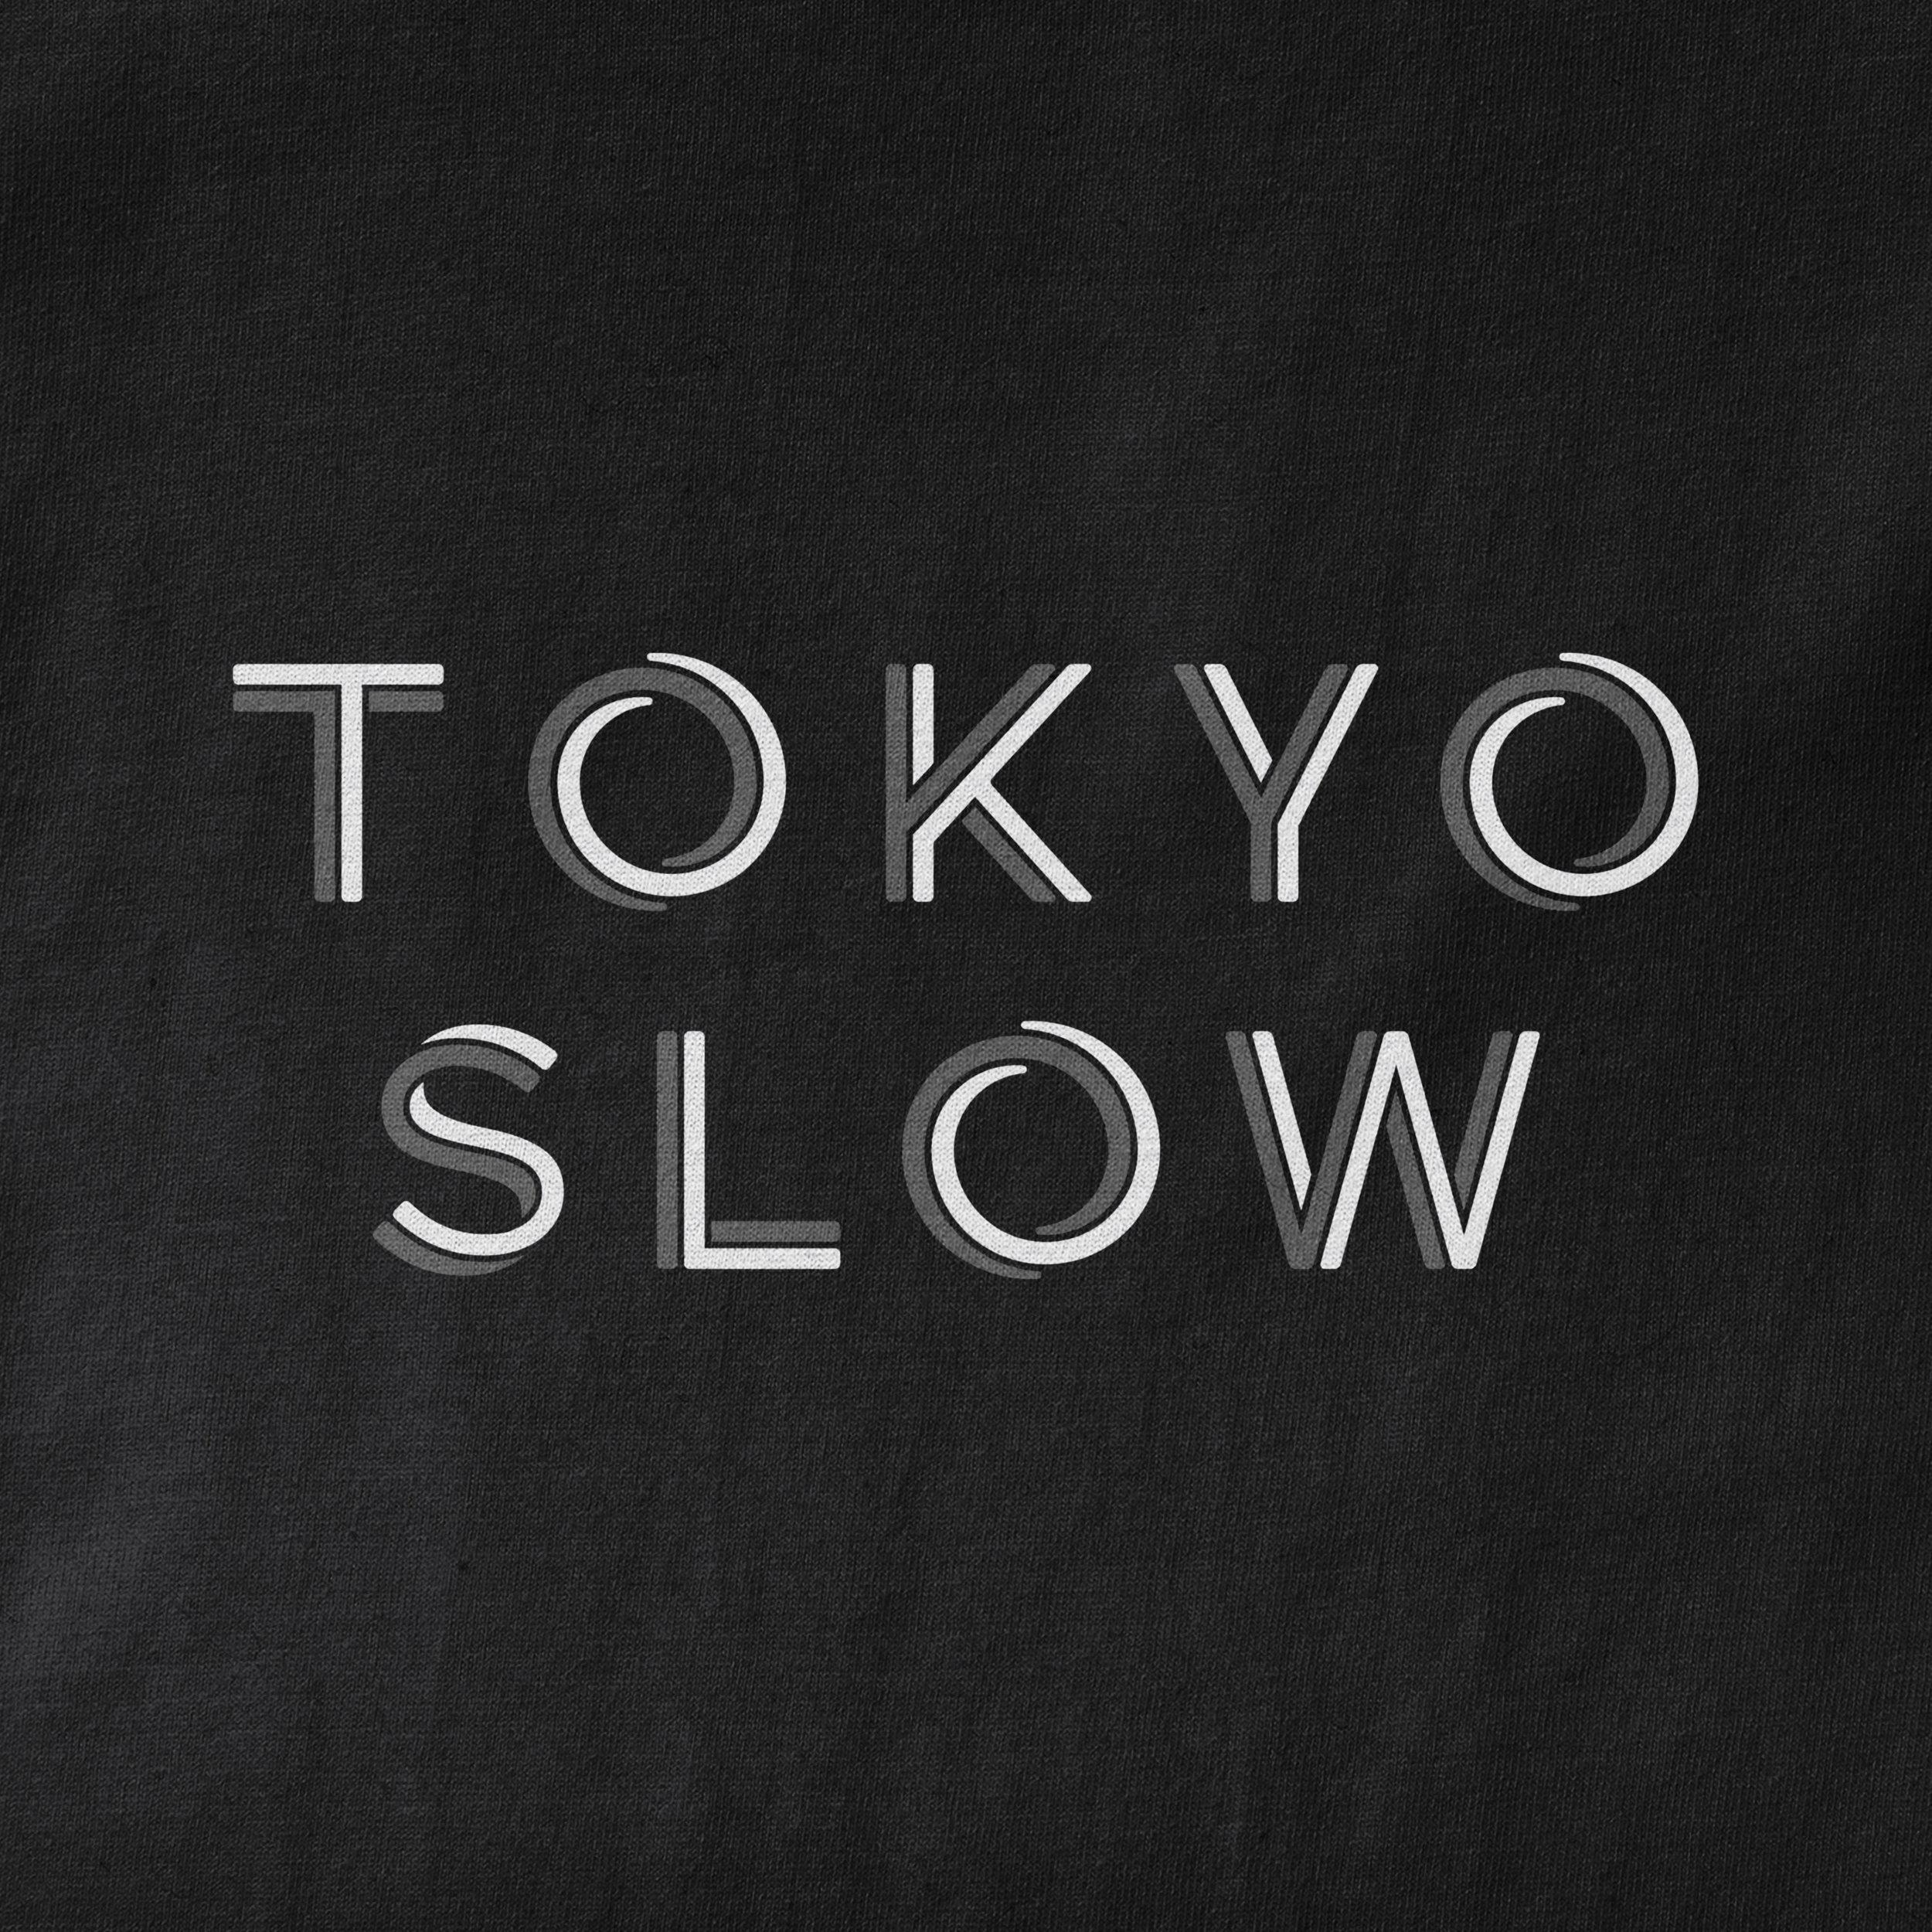 BenWagner_Tokyobike_03.jpg